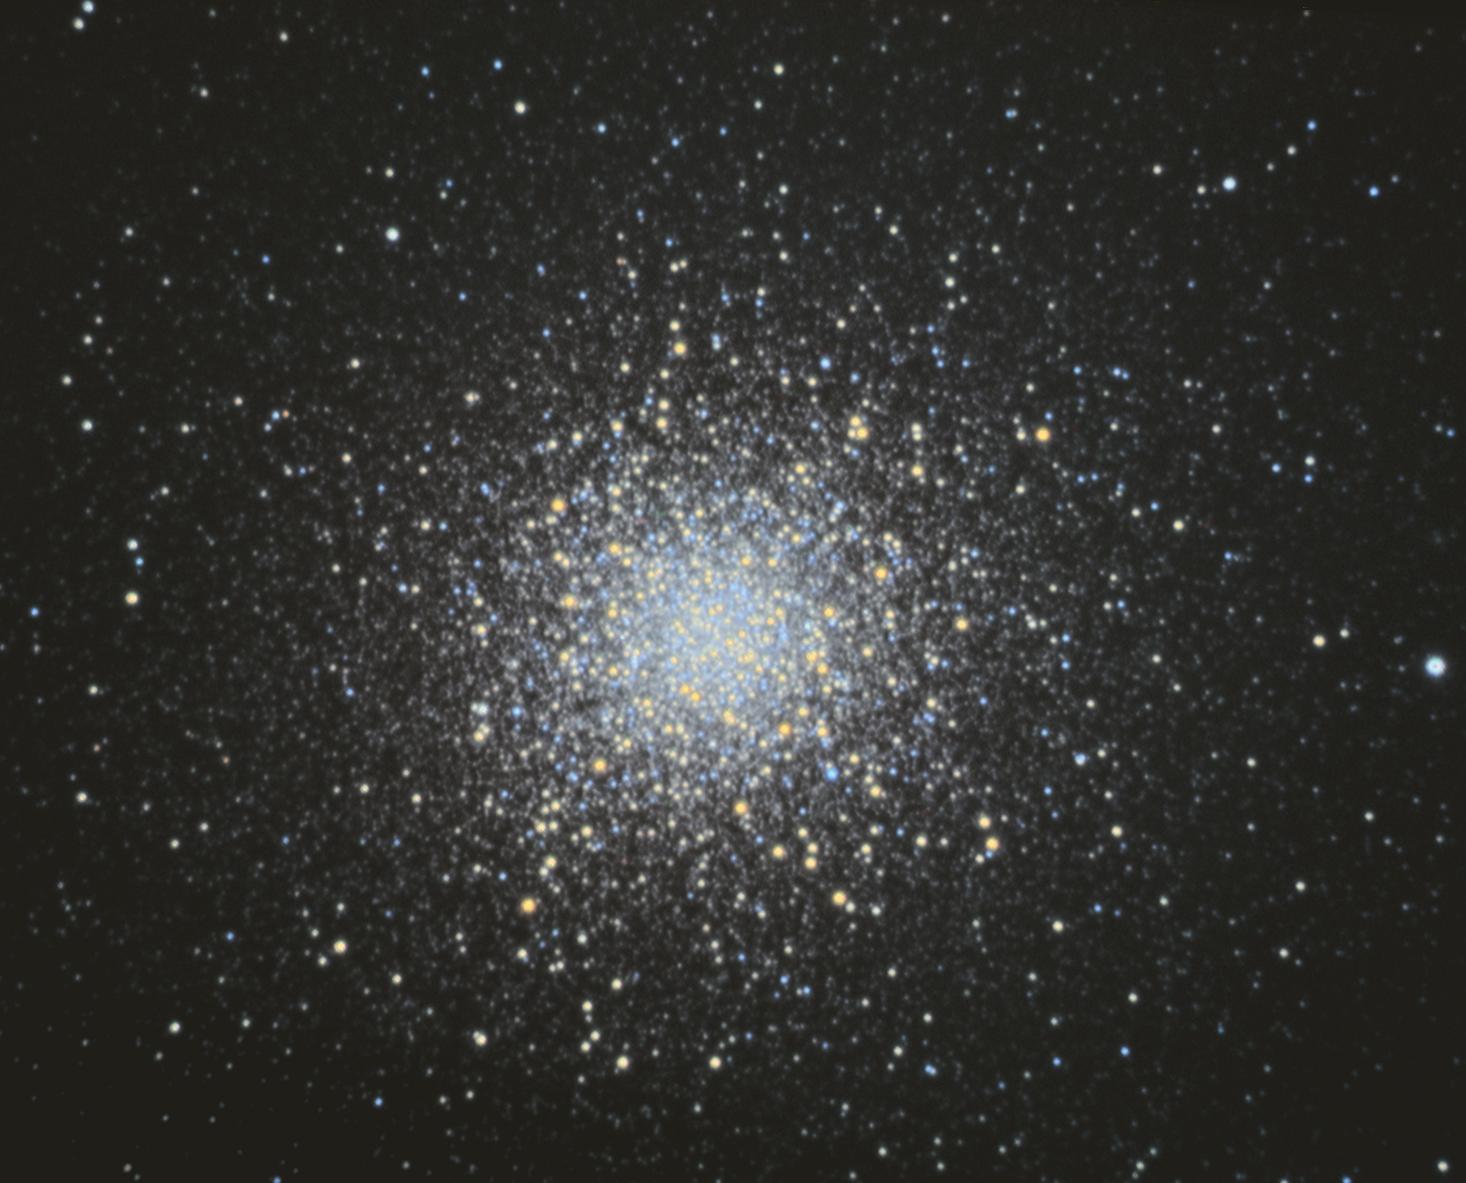 The Hercules Globular Cluster